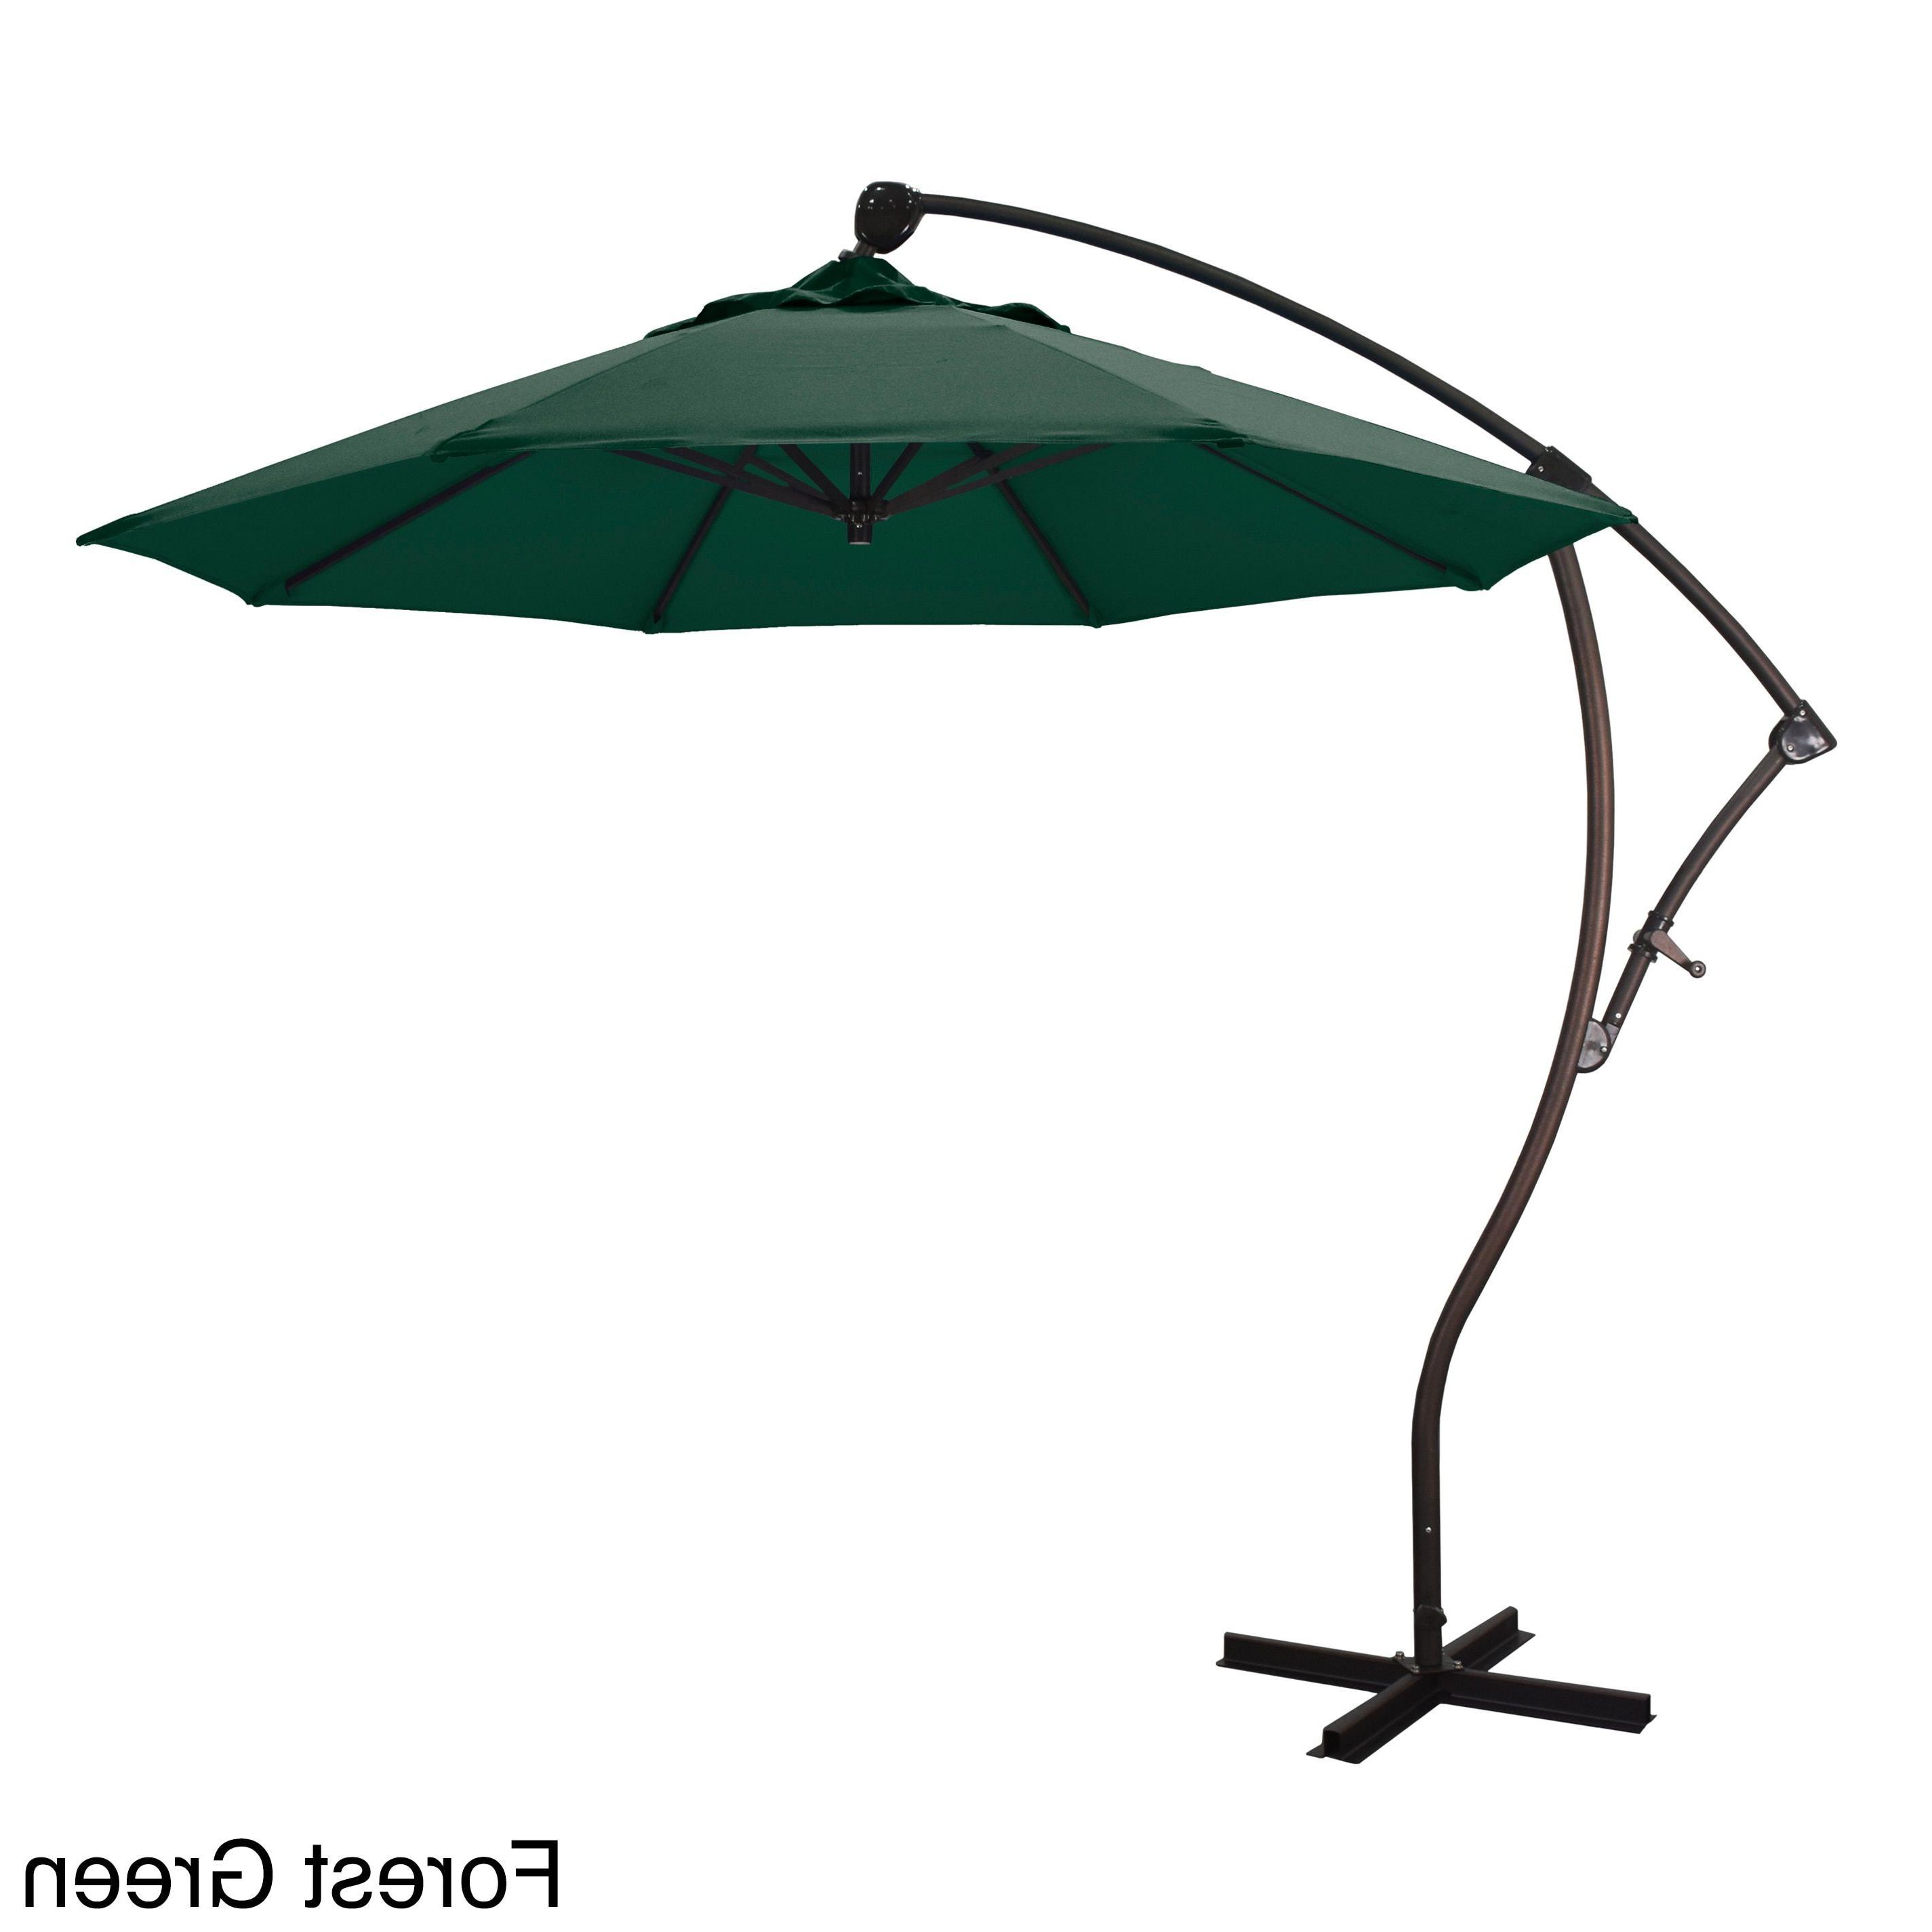 Widely Used California Umbrella 9' Rd Cantilever Market Umbrella, Crank Lift With Belles Market Umbrellas (View 16 of 20)